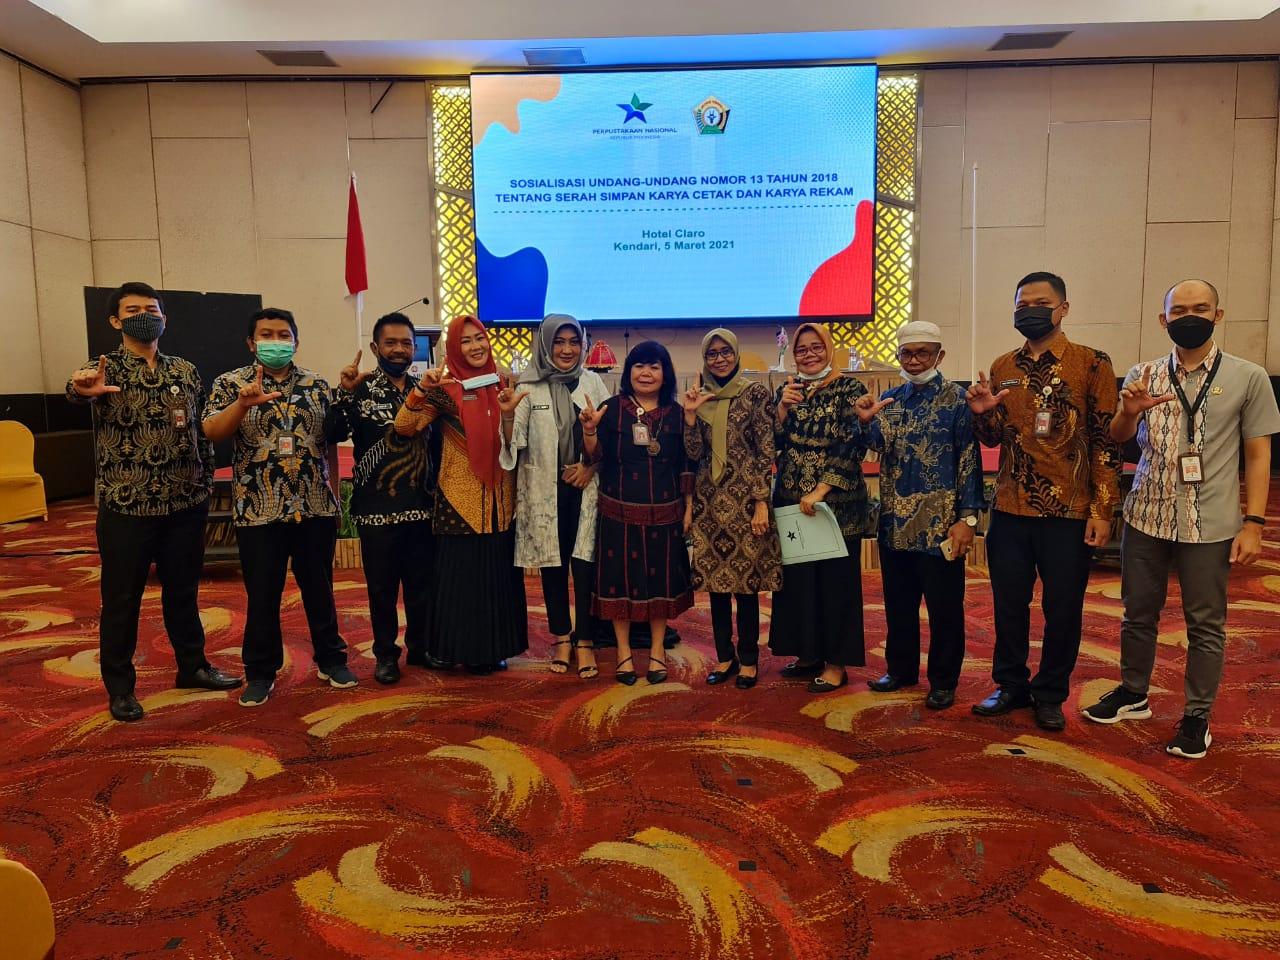 Perpusnas Lakukan Penyuluhan Hukum dan Sosialisasi Jaringan Dokumentasi dan Informasi Hukum (JDIH) - Sulawesi Tenggara 5 Maret 2021